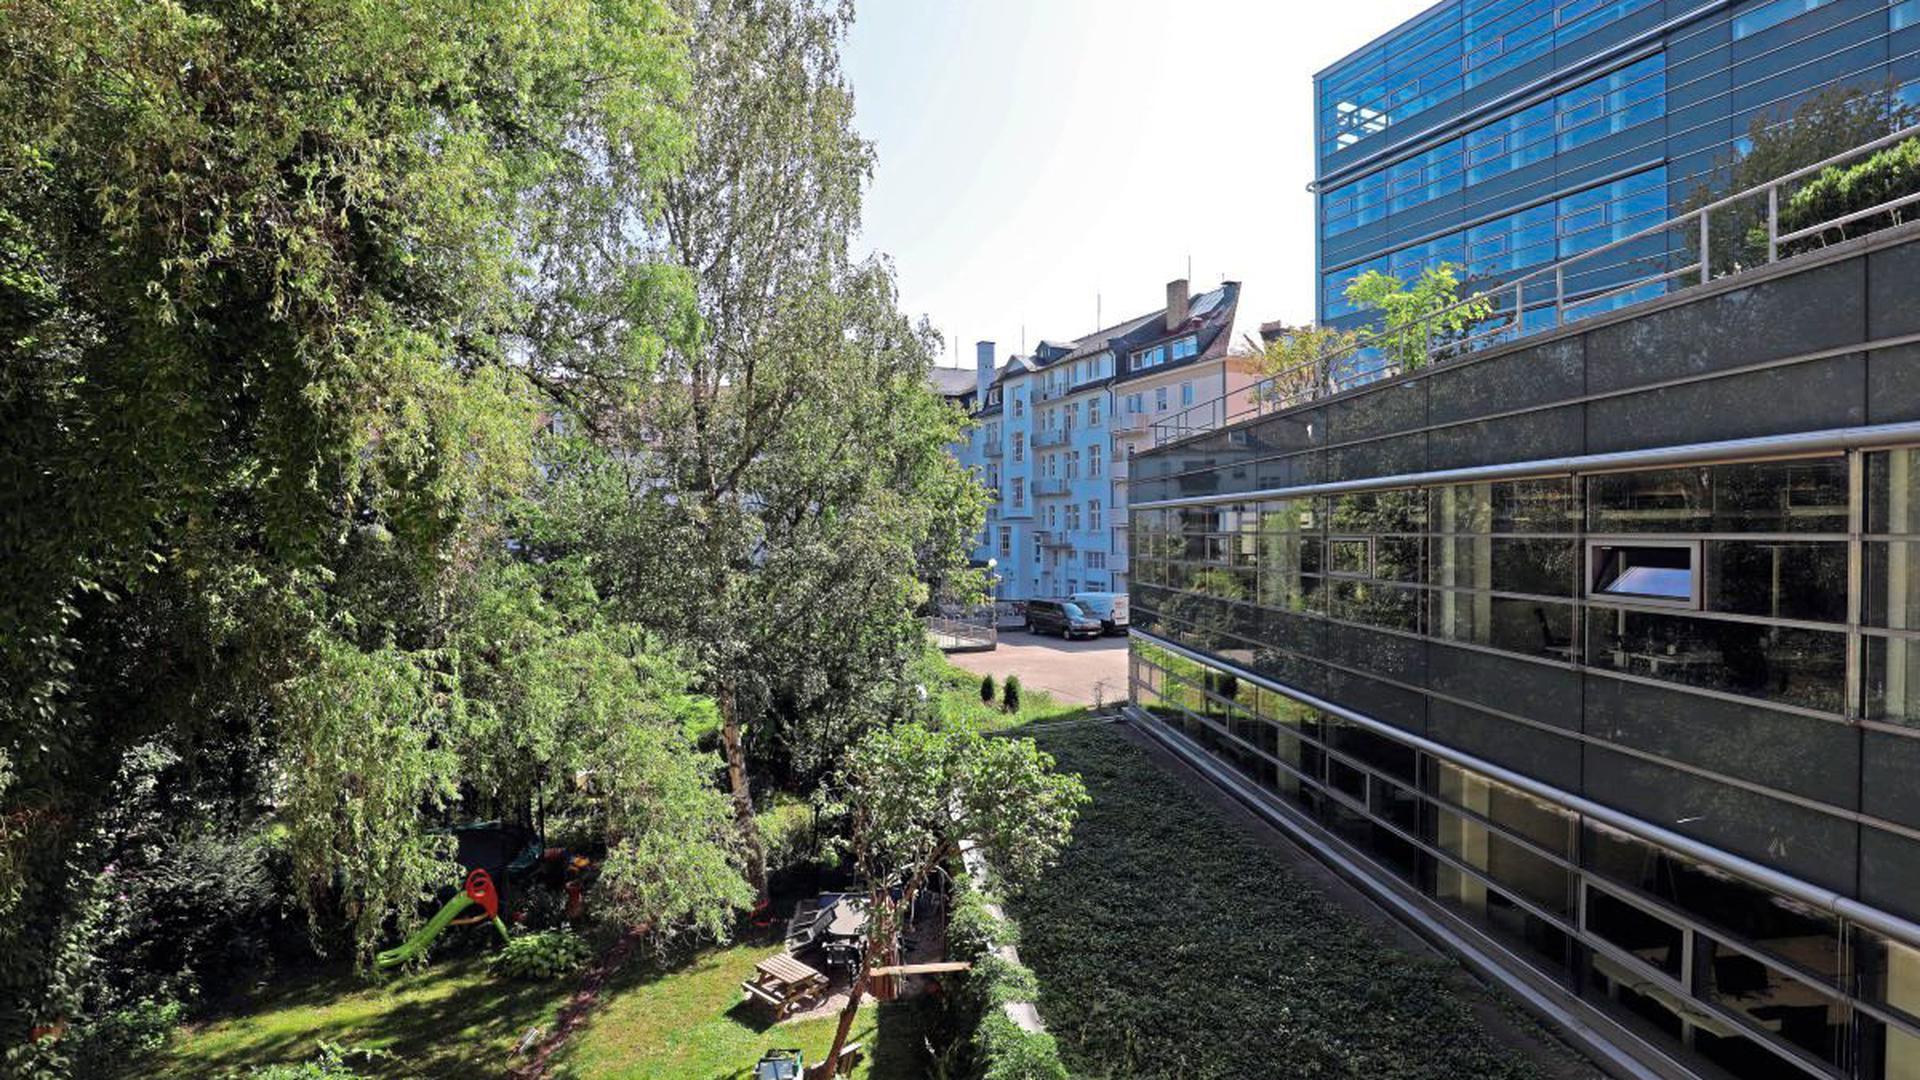 Hier kollidieren Lebensentwürfe: Das Karlsruher Bahnhofsviertel birgt einen außergewöhnlich grünen Innenhof. Gleichzeitig ist der Standort für moderne Büroflächen sehr begehrt.